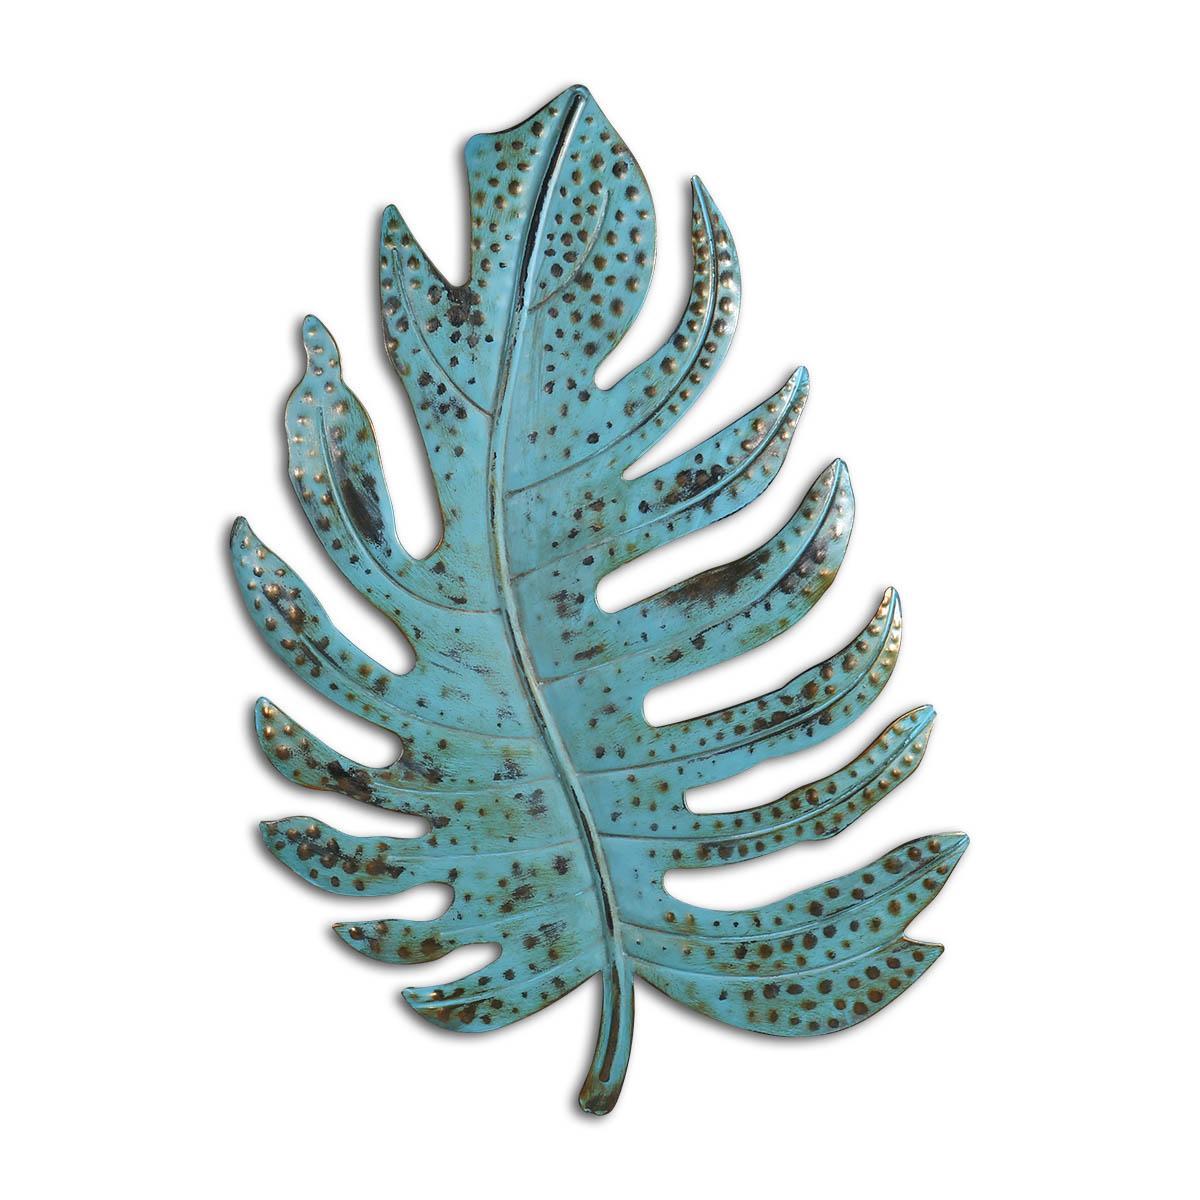 Green Leaf décorations Feuille métal mur Art Sculpture Vintage rustique Accueil Décor du foyer de vie Décoration Ornement de fer